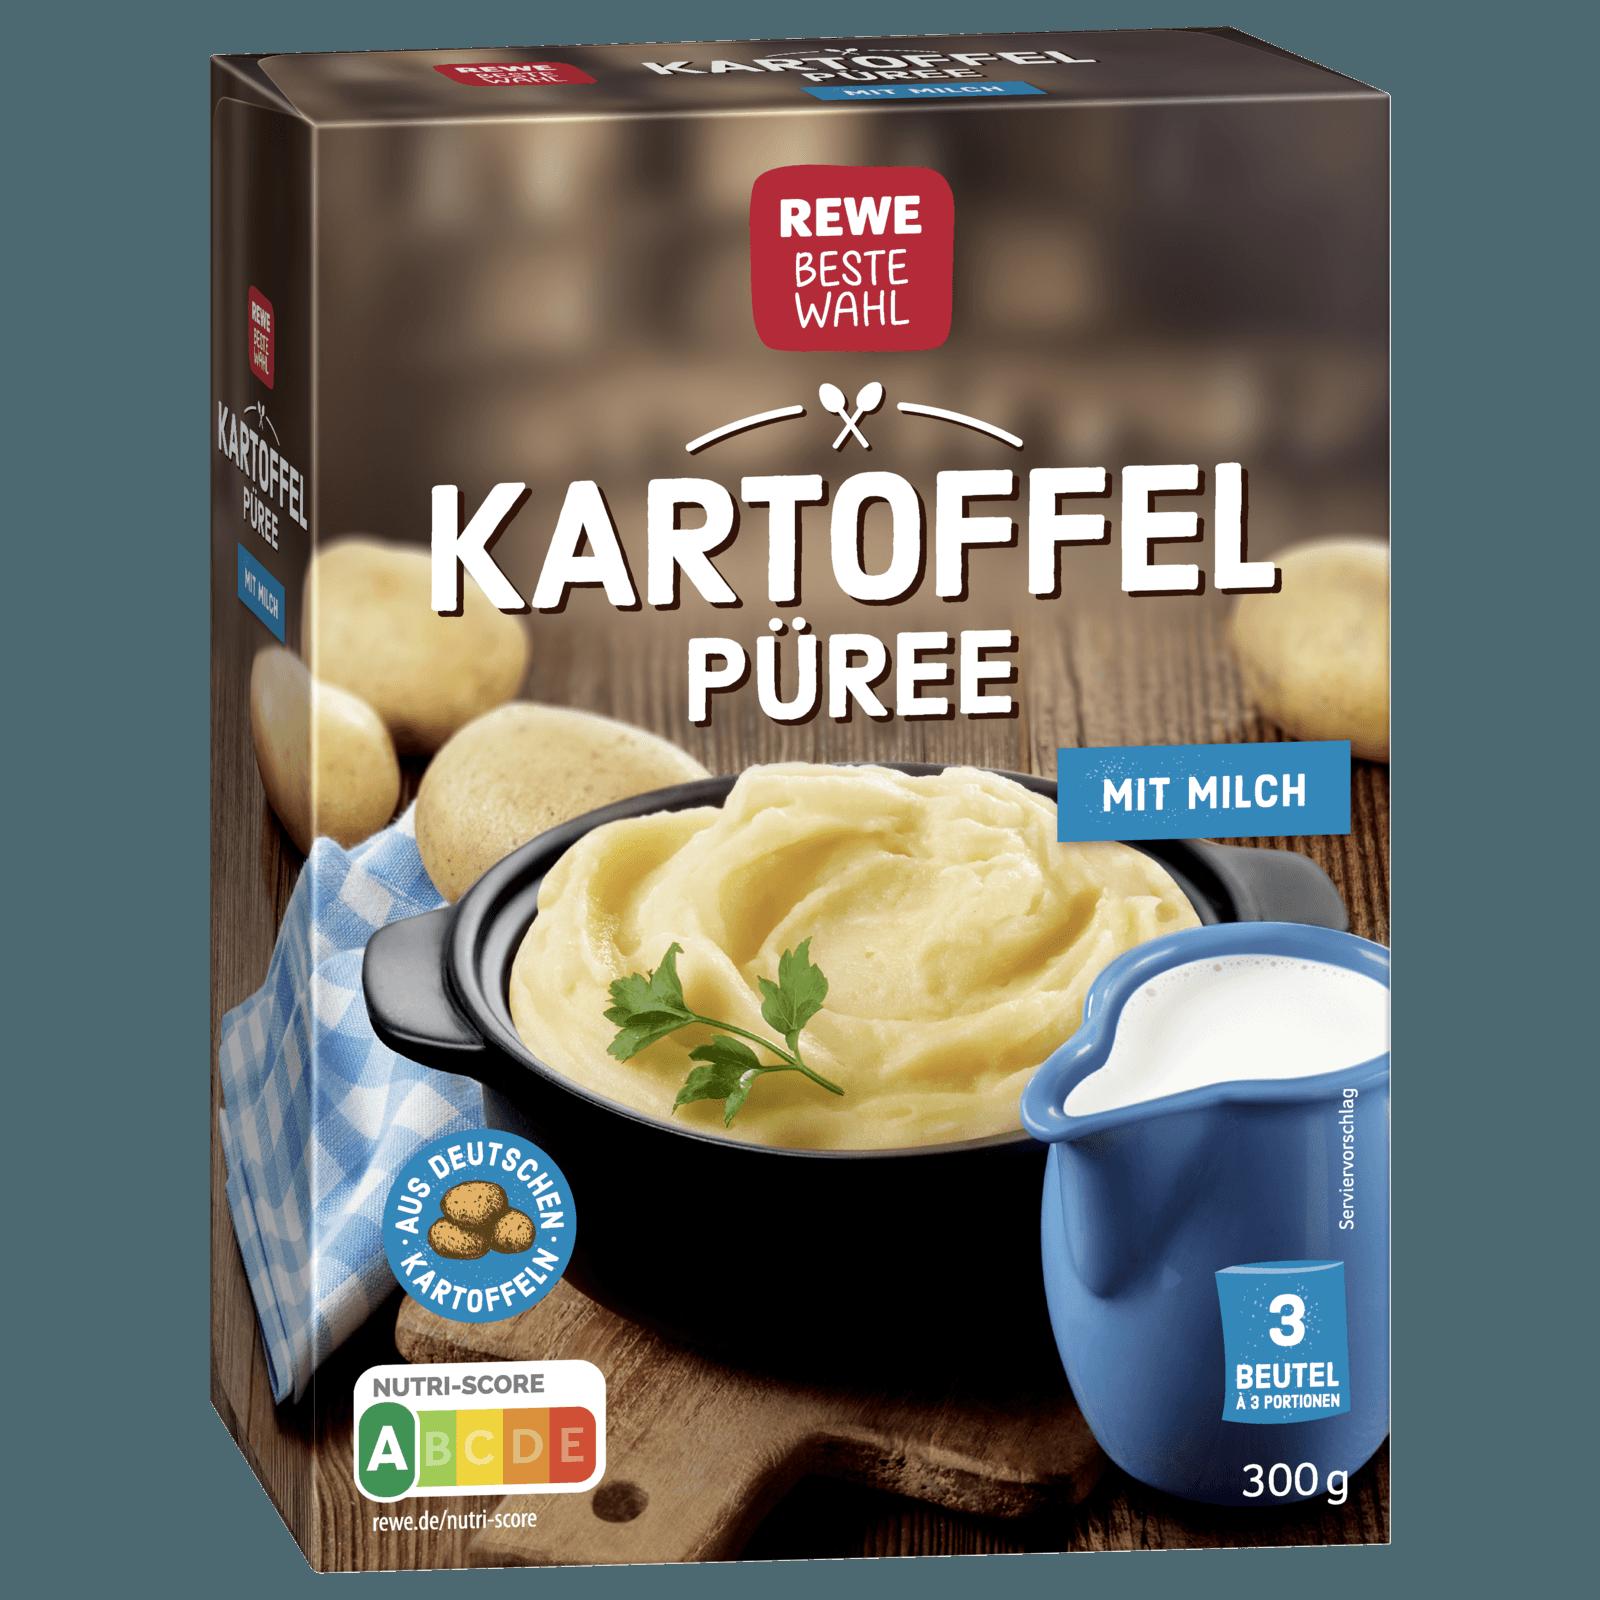 Rewe Beste Wahl Kartoffelpuree Komplett Mit Milch 300g Bei Rewe Online Bestellen